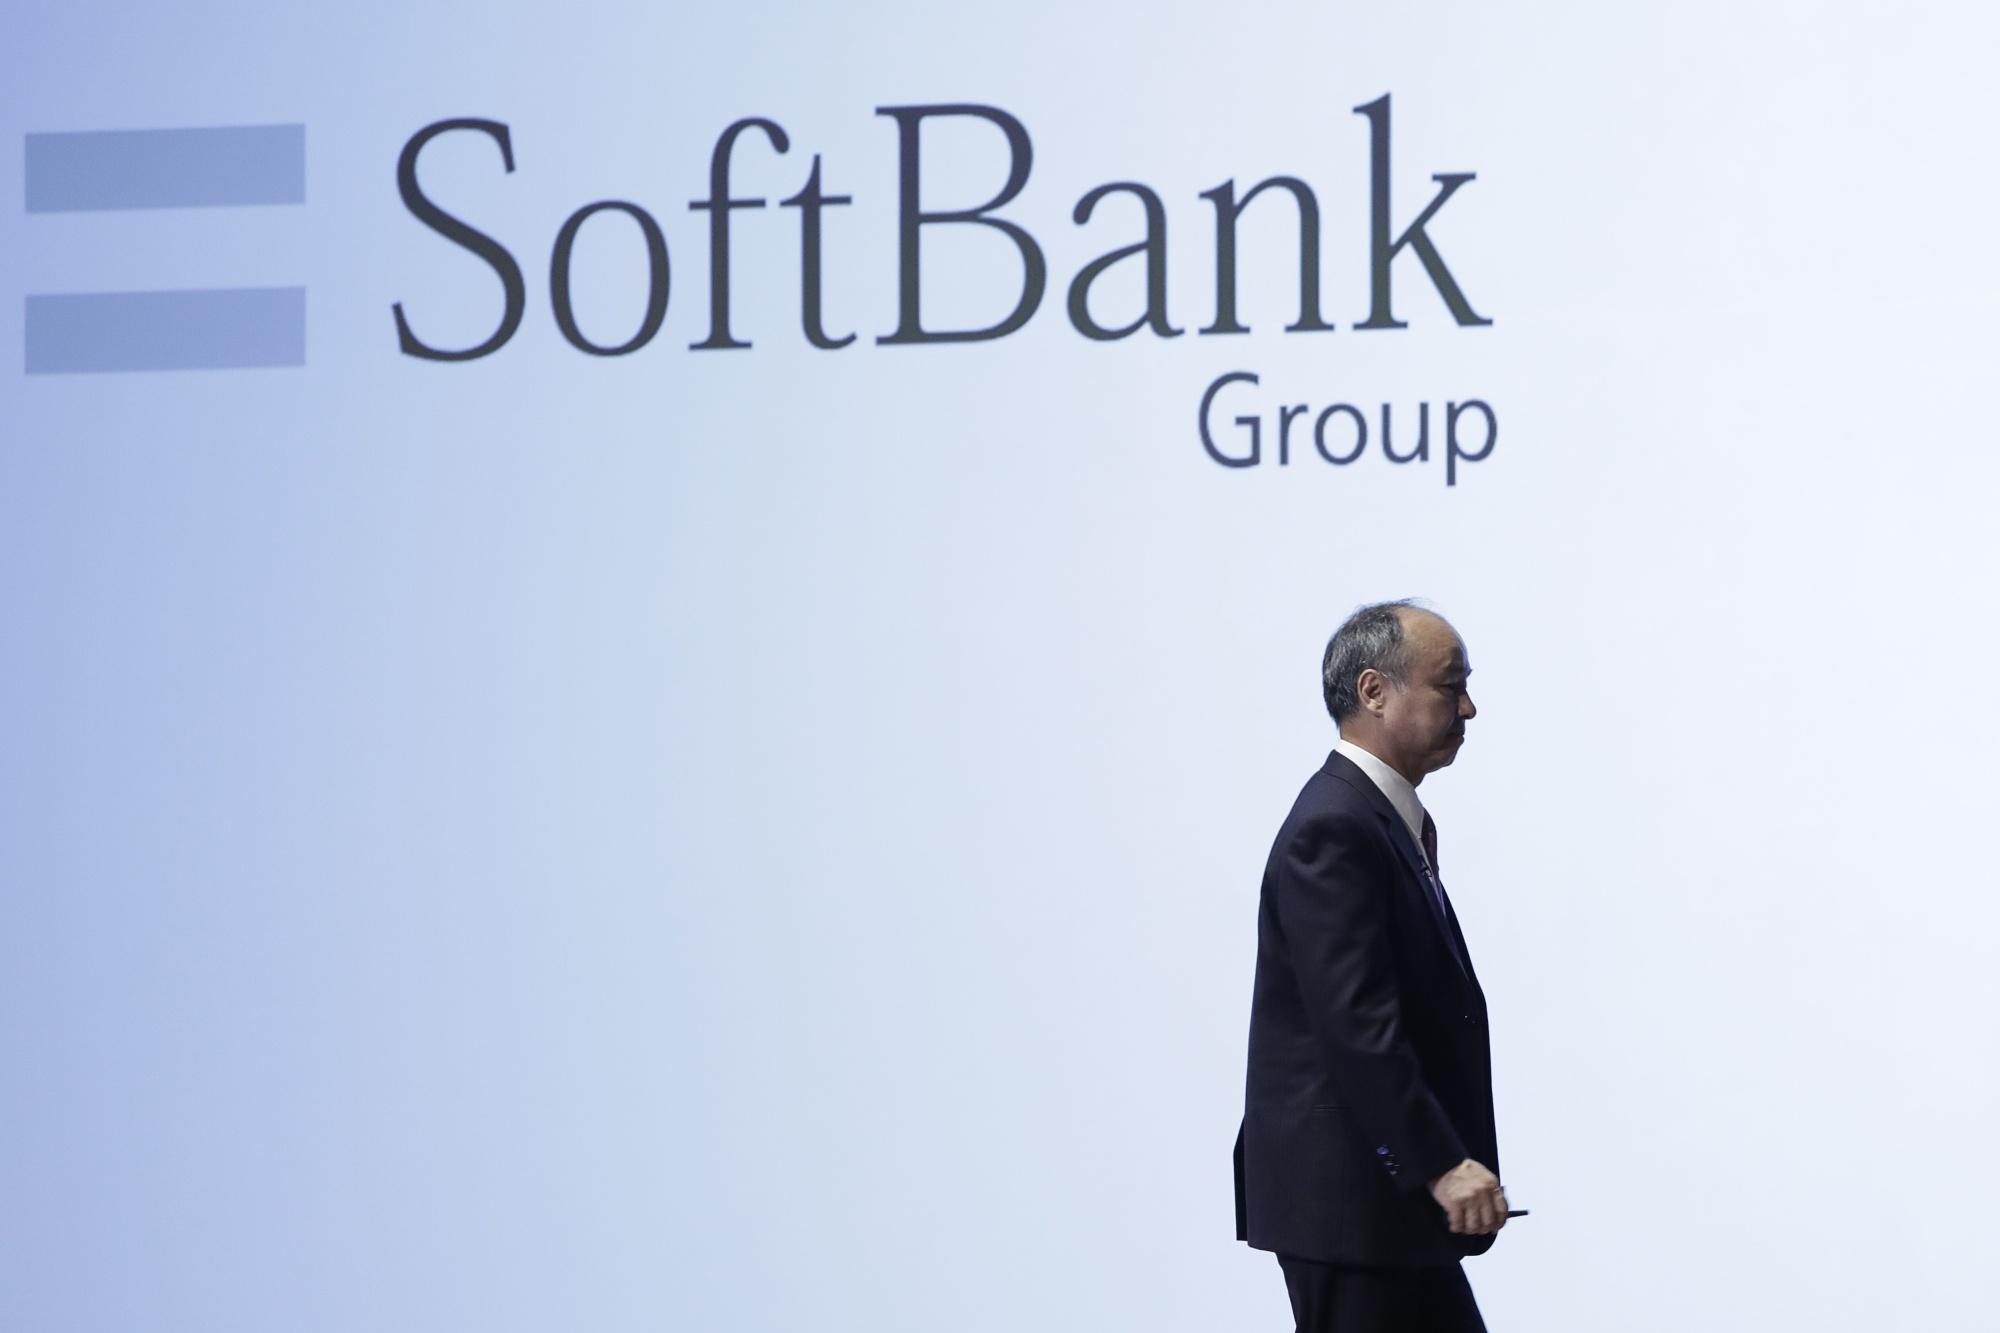 ソフバンクG2号ファンド、目標額の50分の1で当初募集終了-関係者 - Bloomberg